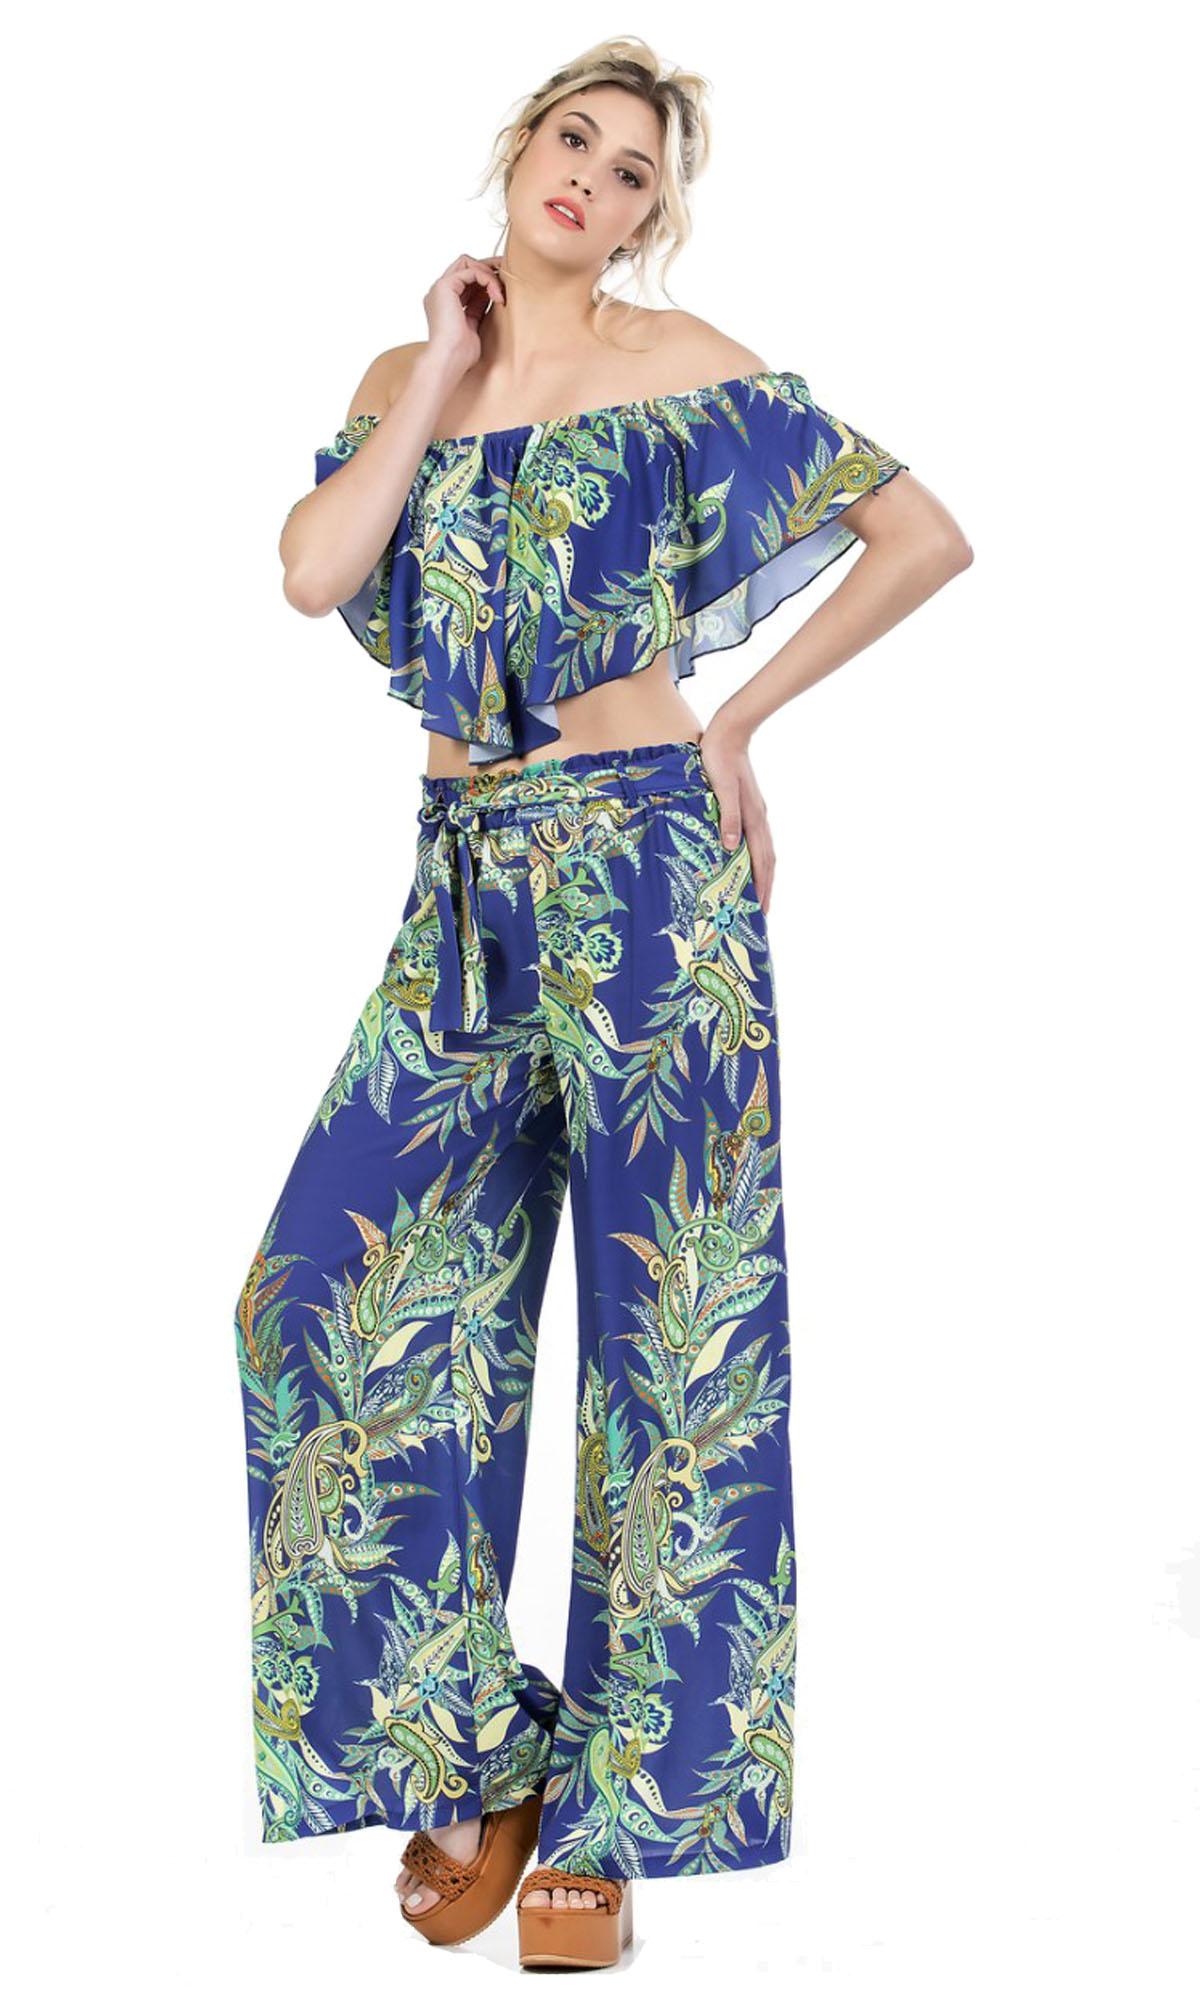 Γυναικείο Σετ Τοπ Online εμπριμέ Ethnic Style & Παντελόνα - ONLINE - SS17ON-5624 prints jungle prints